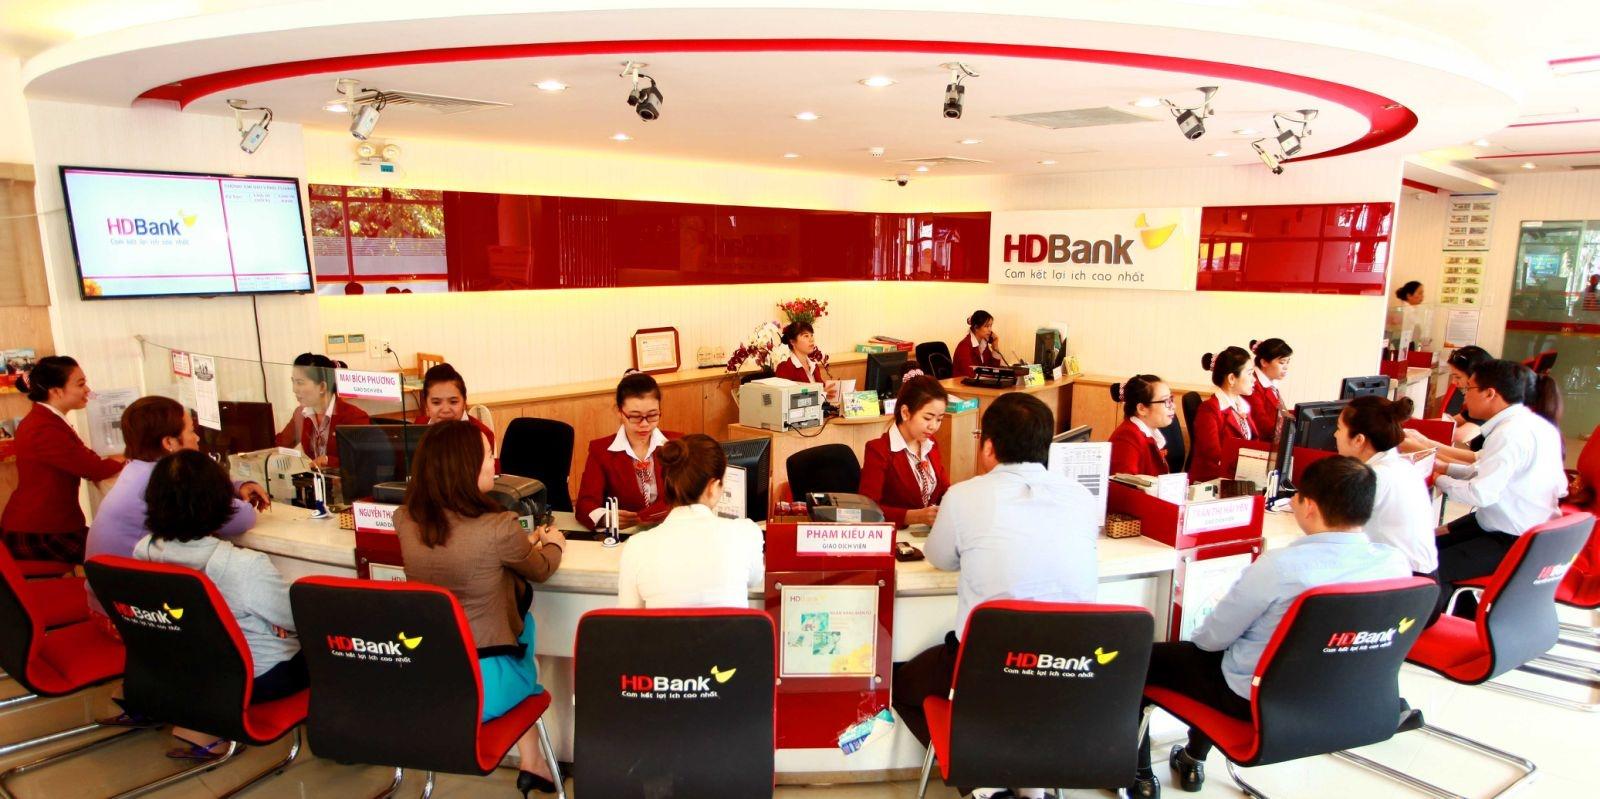 Tiếp sức kinh tế, HDBank dành hàng ngàn tỷ đồng tài trợ chuỗi kinh doanh xăng dầu